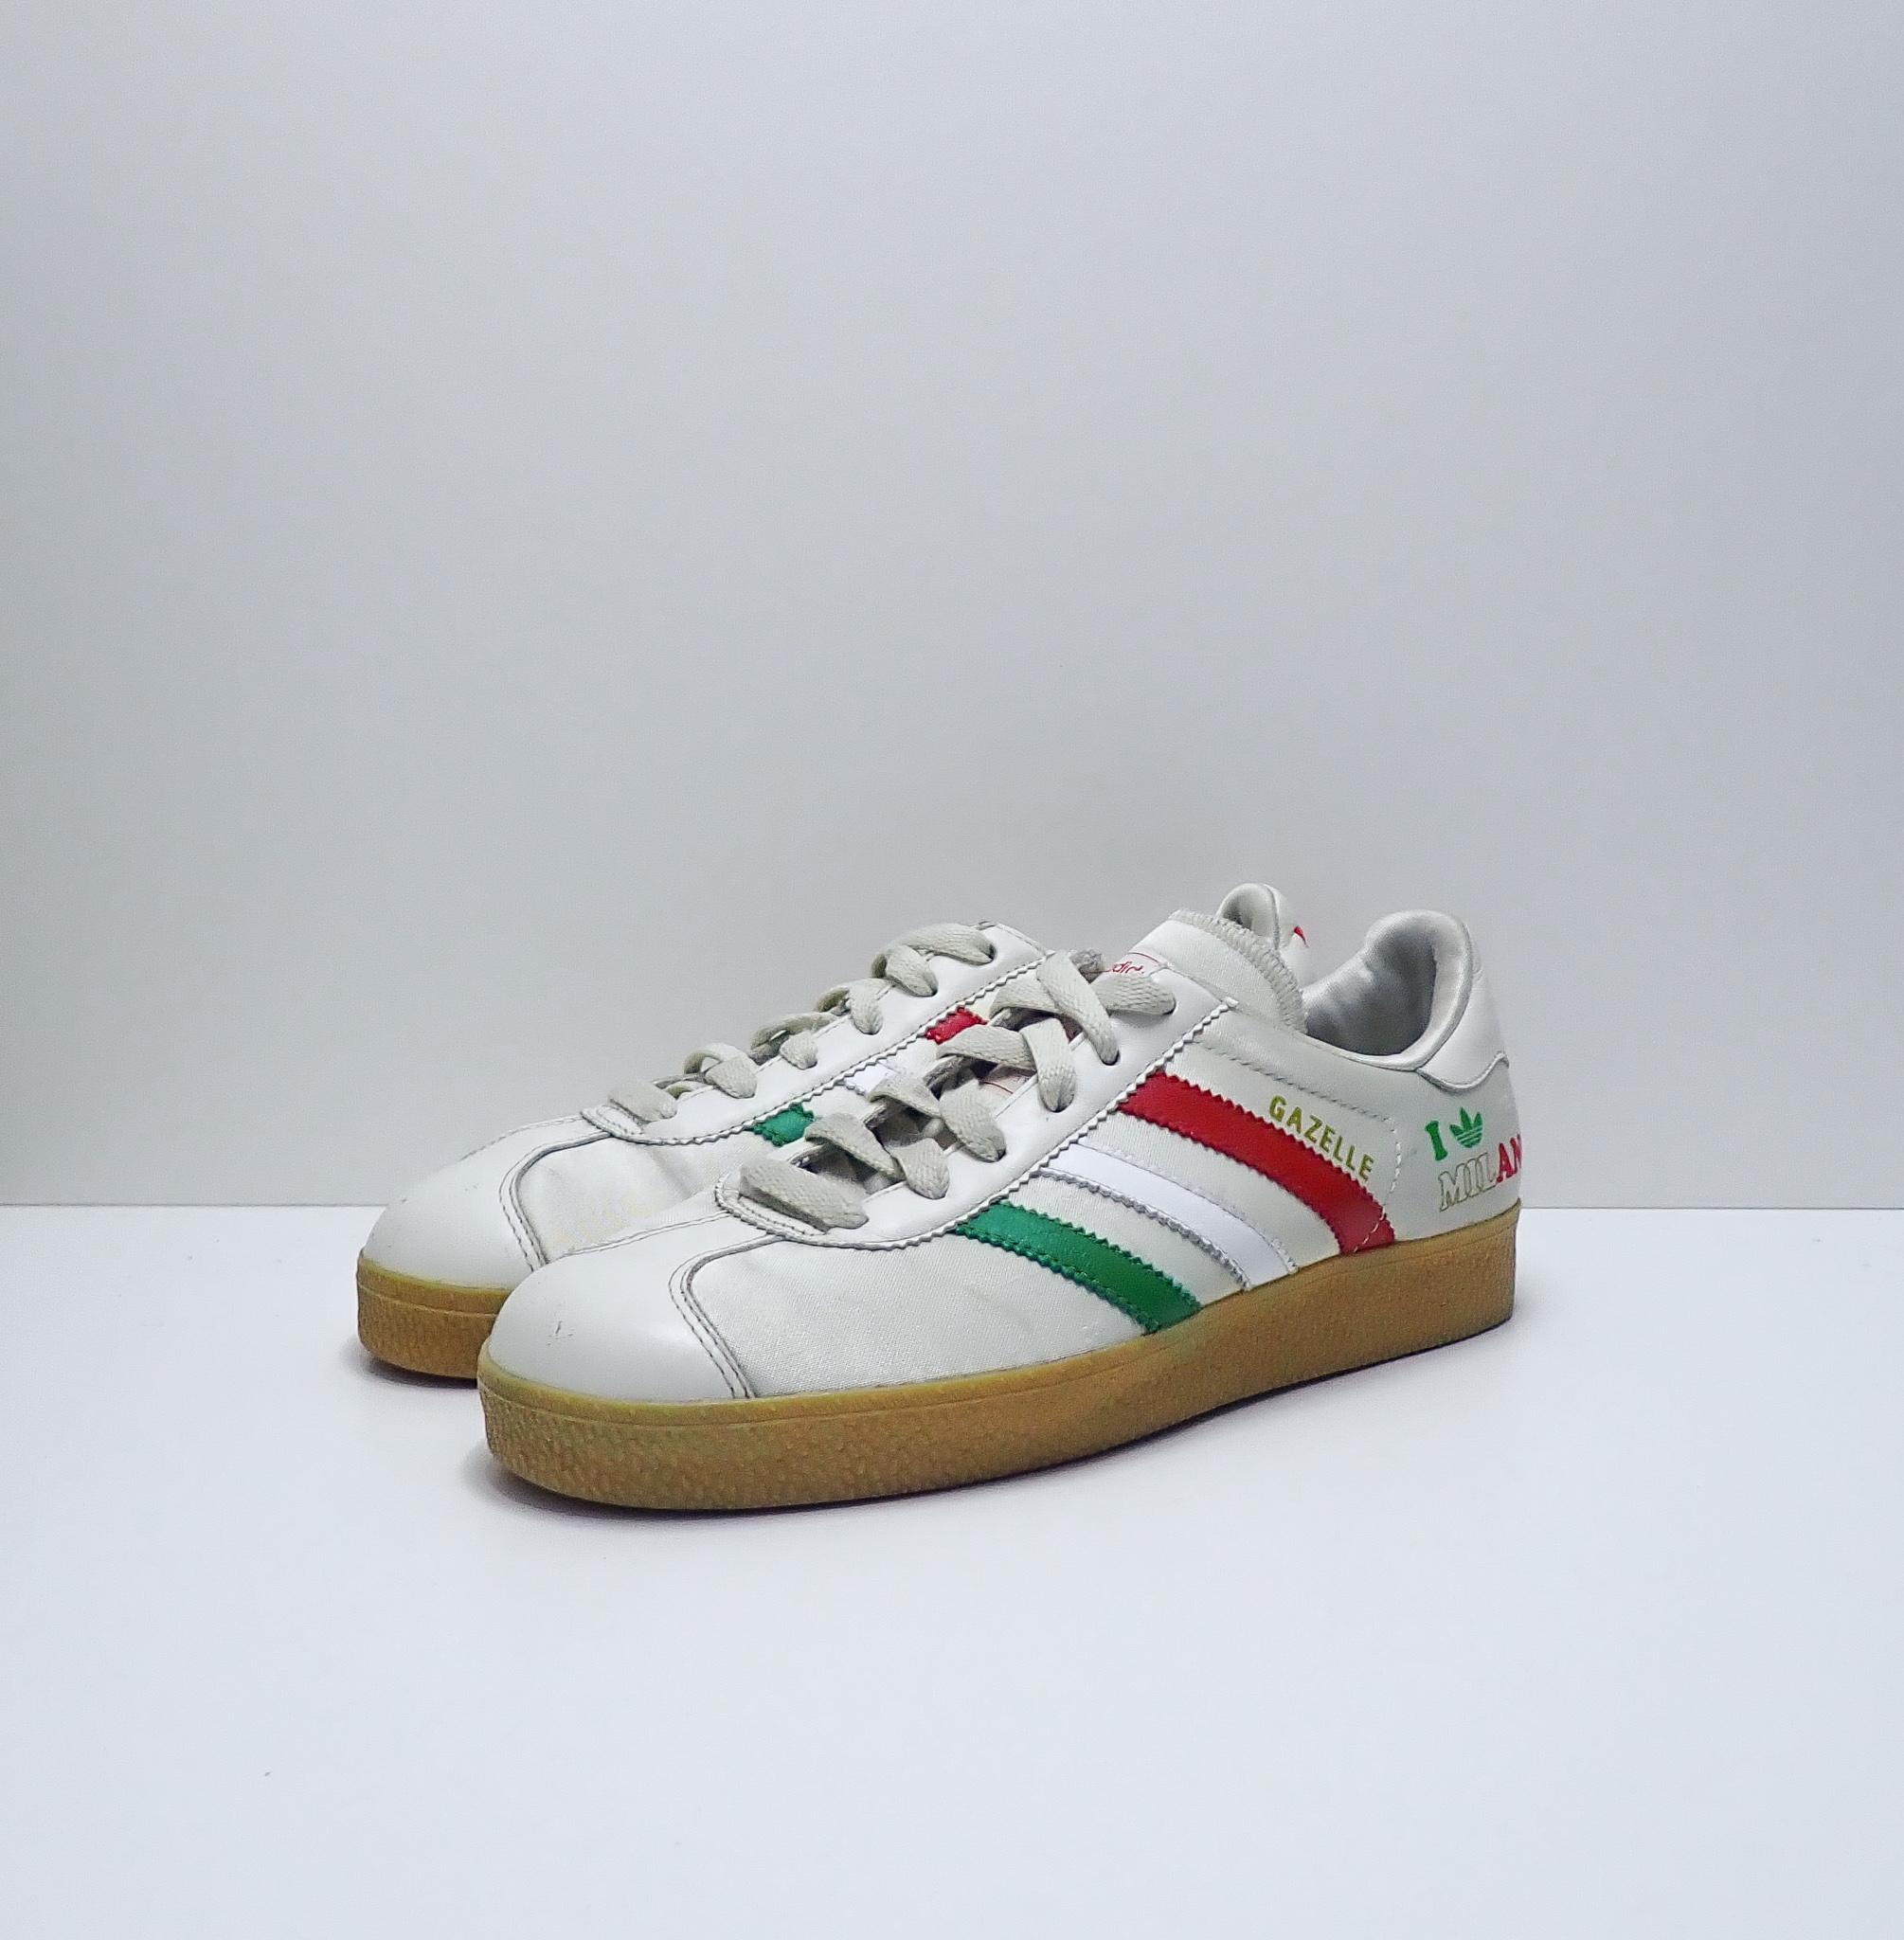 Adidas Gazelle Milano